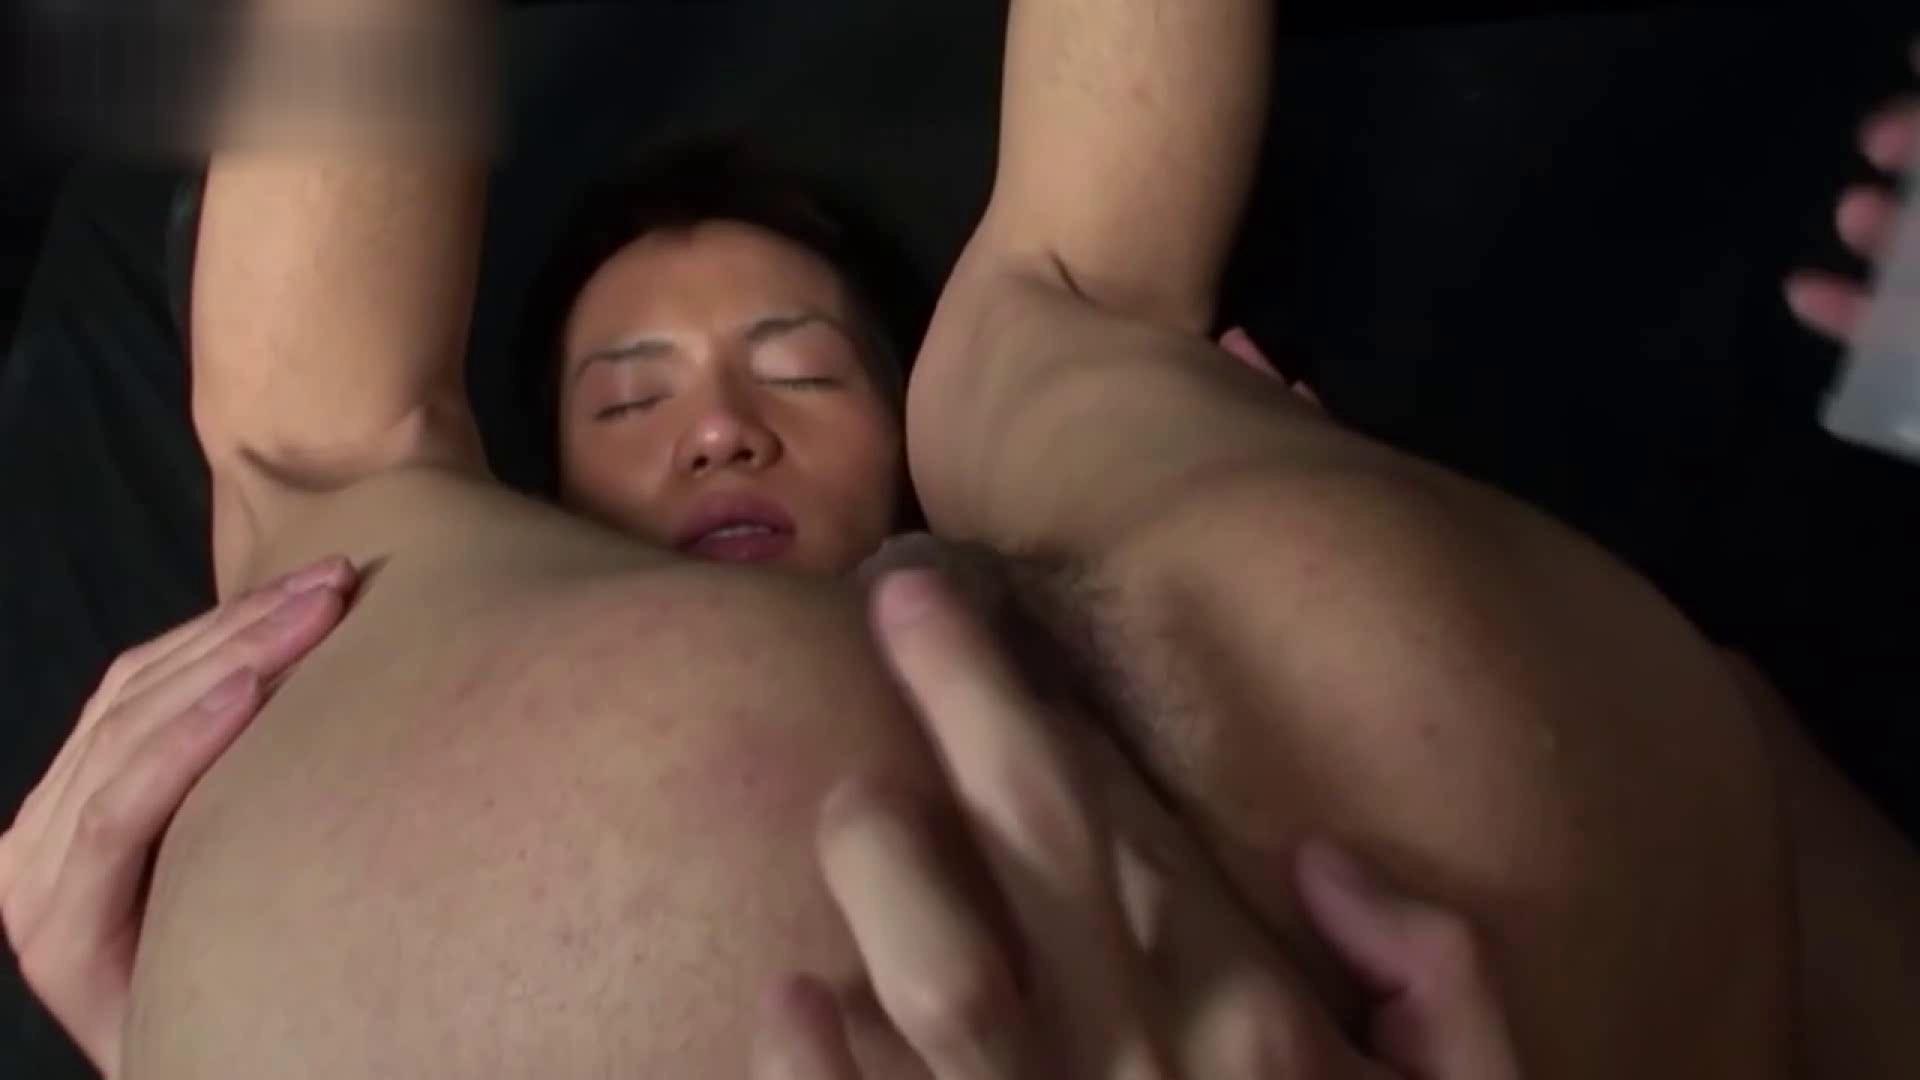 ヤリヤリ野郎共倶楽部vol.16後編 オナニー編 ゲイ無修正動画画像 82枚 51